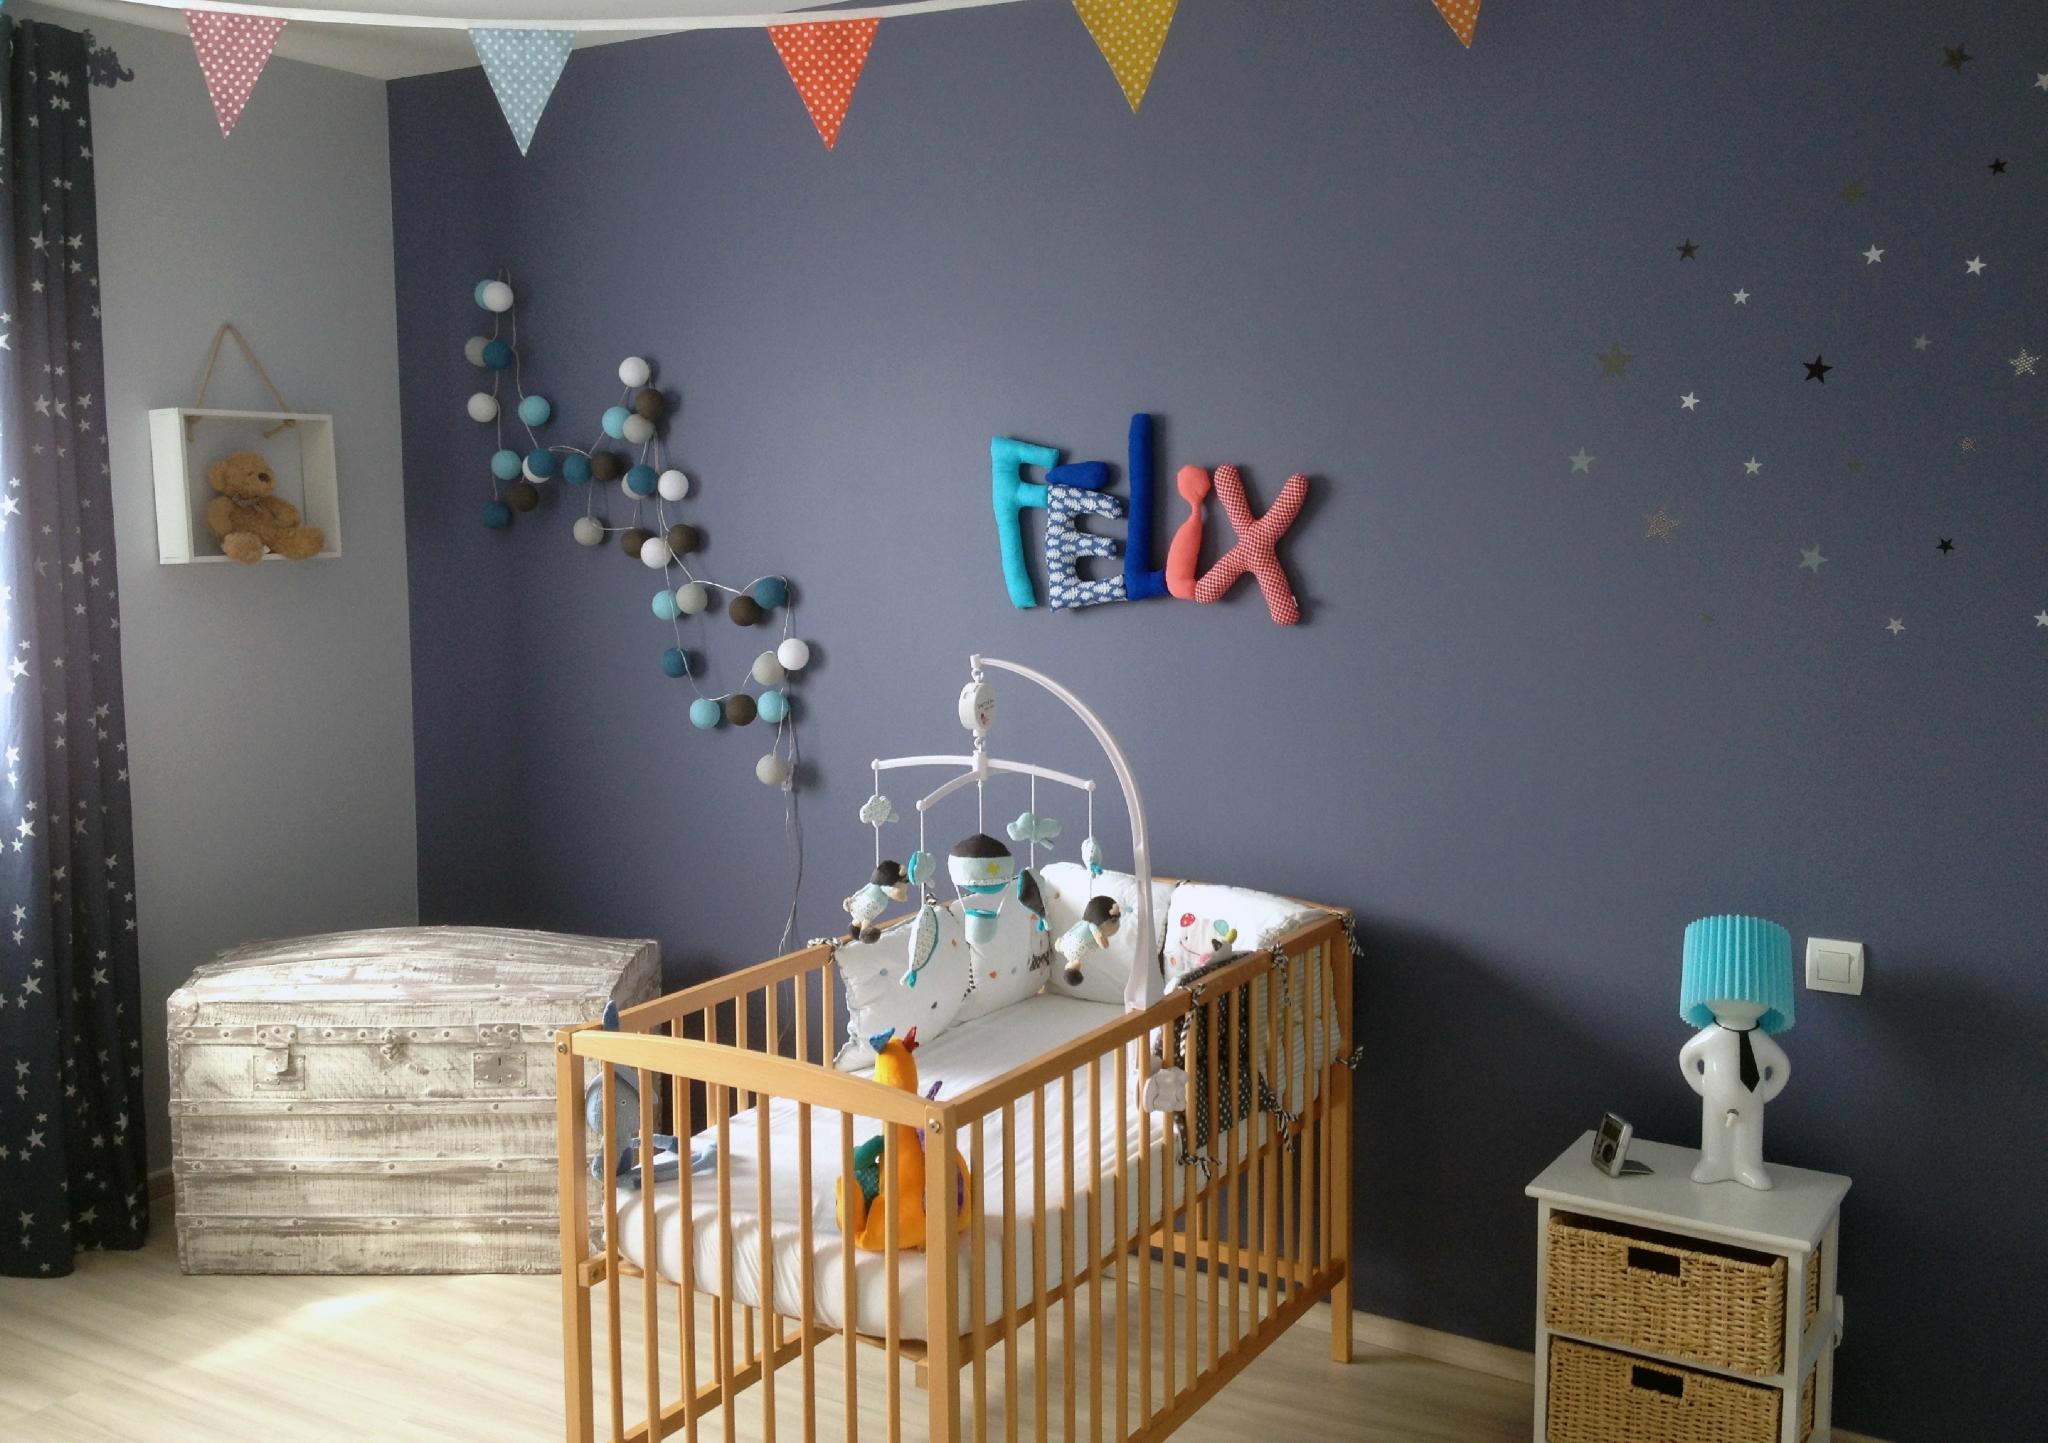 Déco Chambre Personnalisé : Felix chambre enfant deco décoration murale prenom